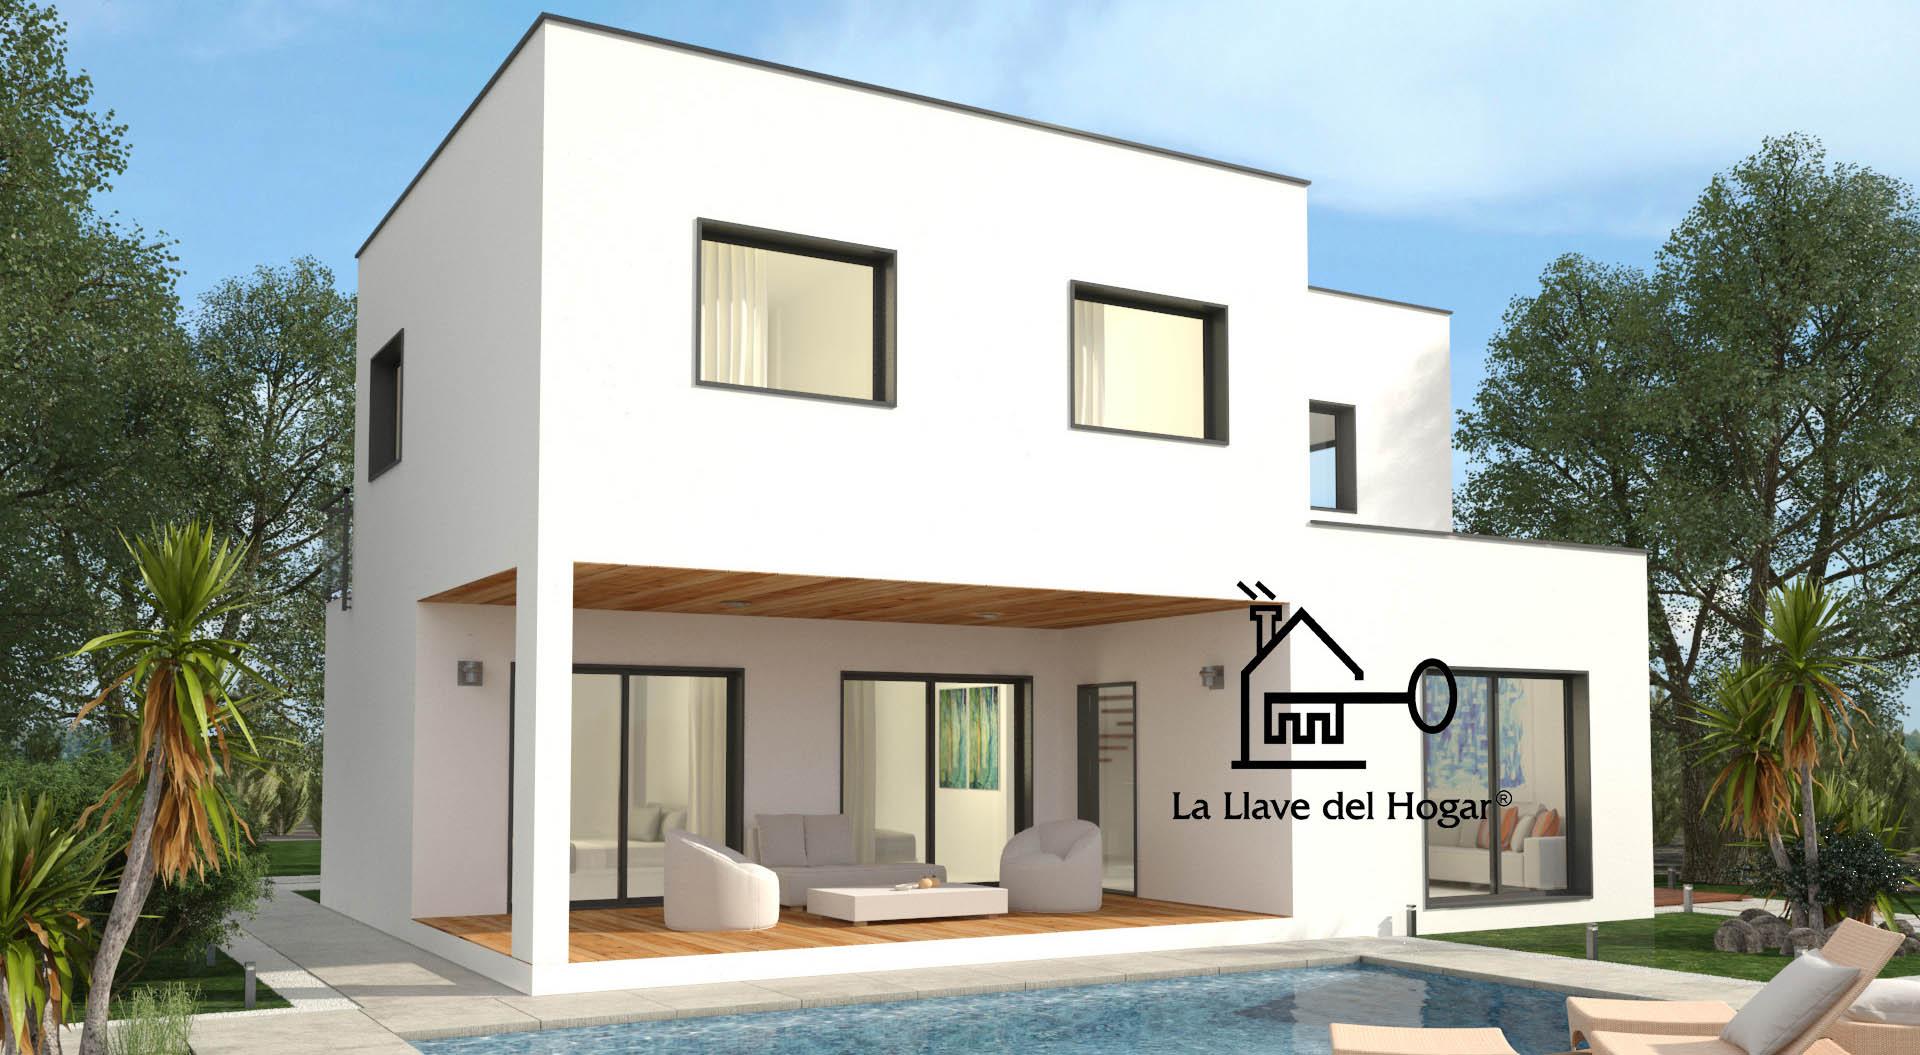 Tarragona 195 m casas de madera la llave del hogar - Casas entramado ligero ...